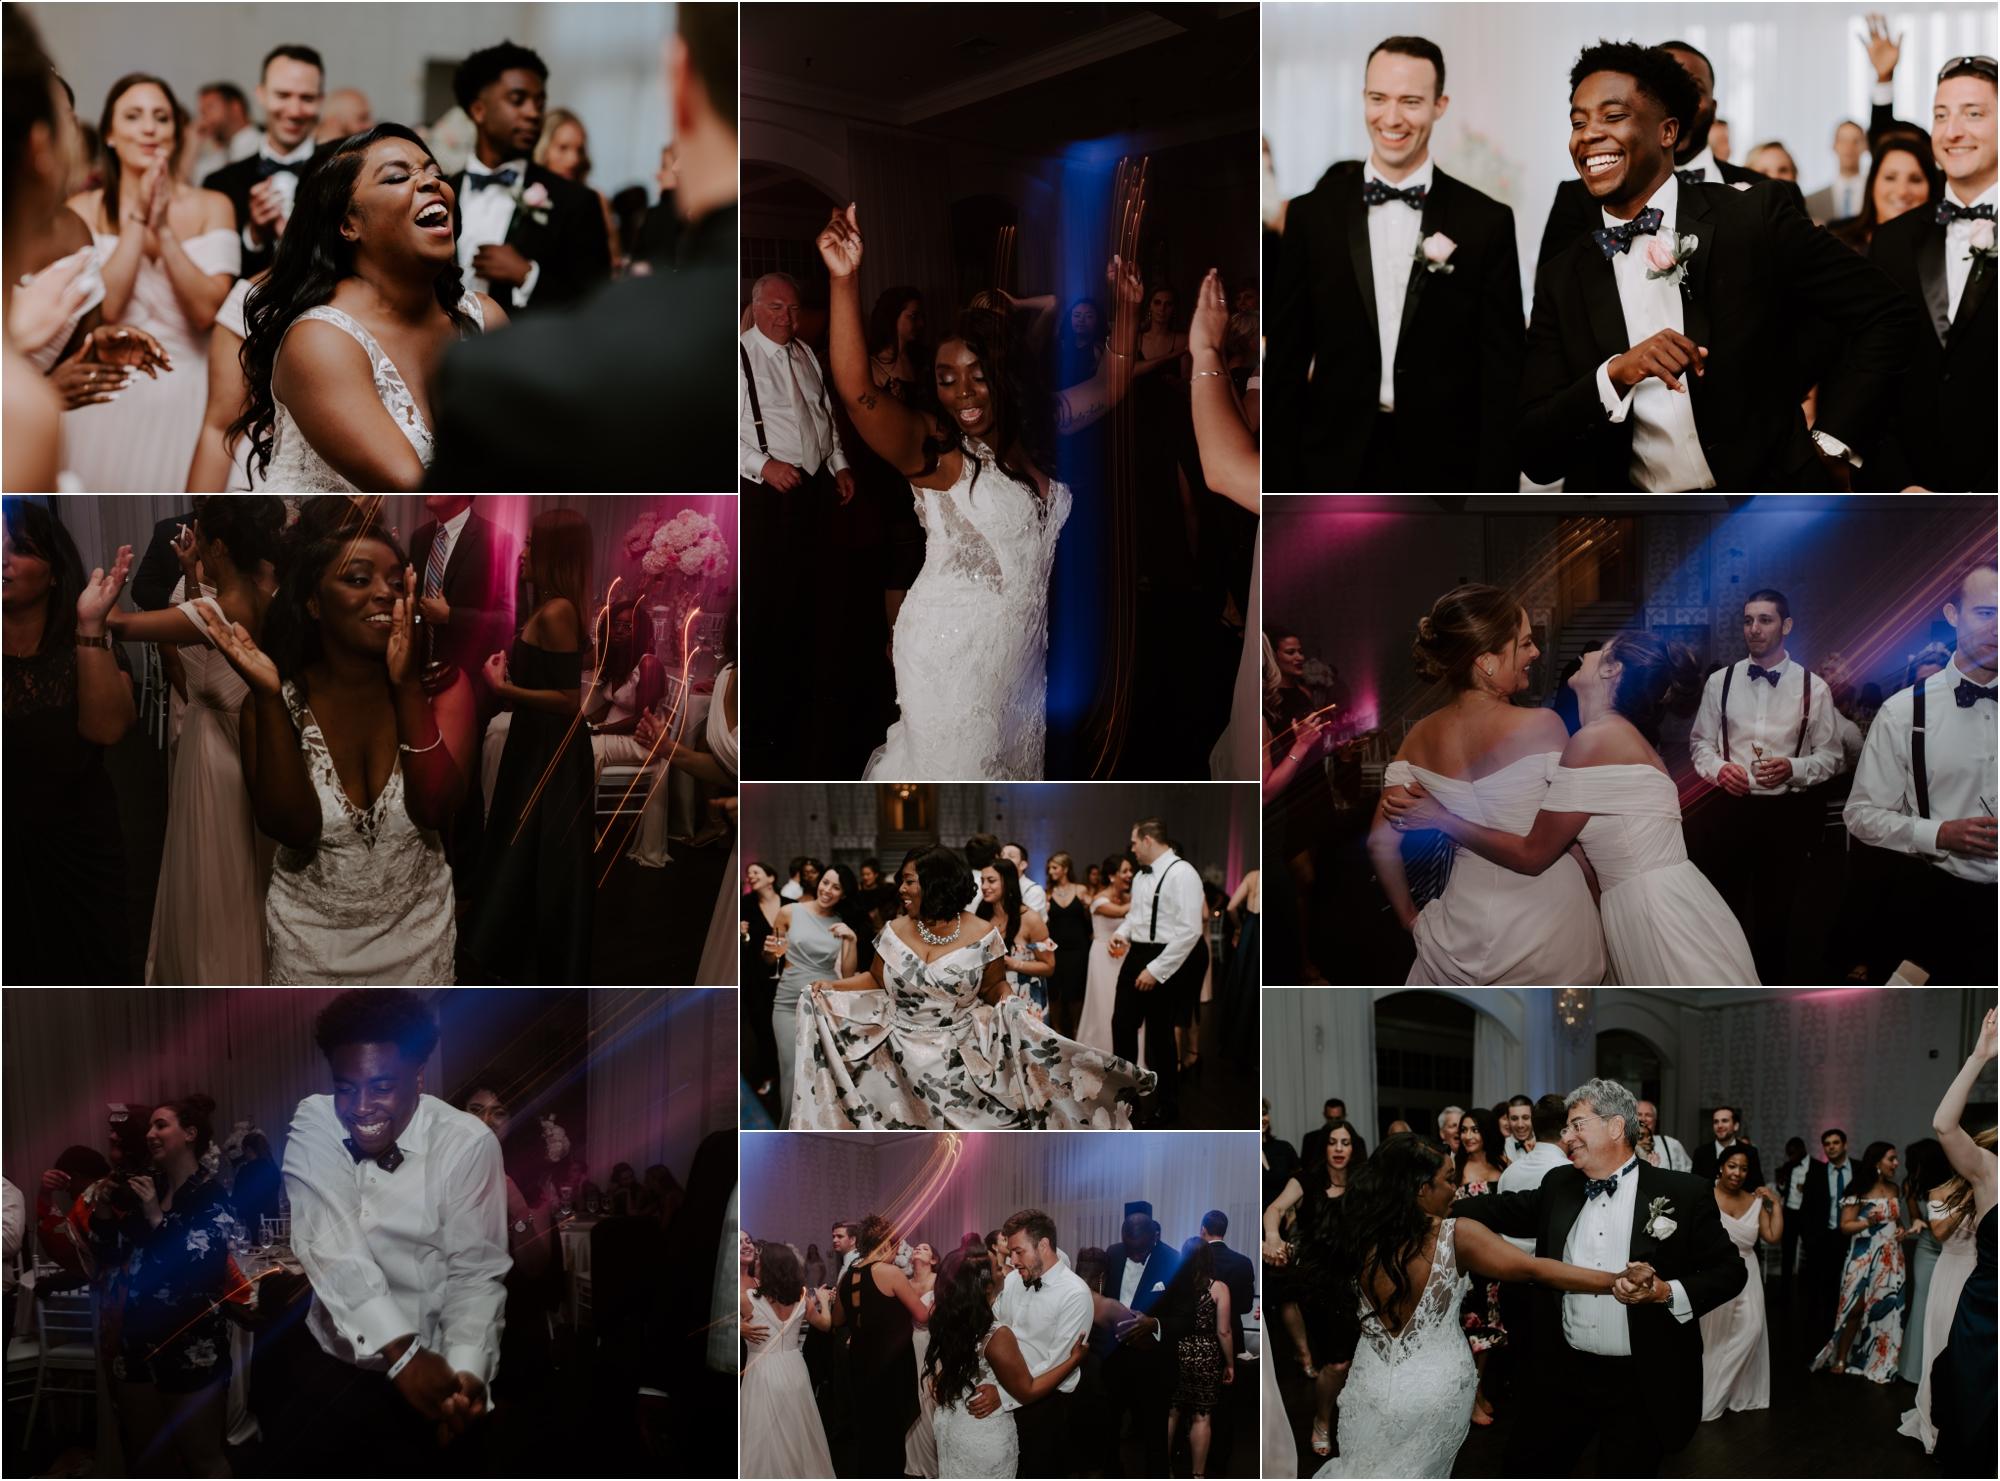 JANELLEANDJULIAN-wedding-madelinerosephotographyco_0049.jpg